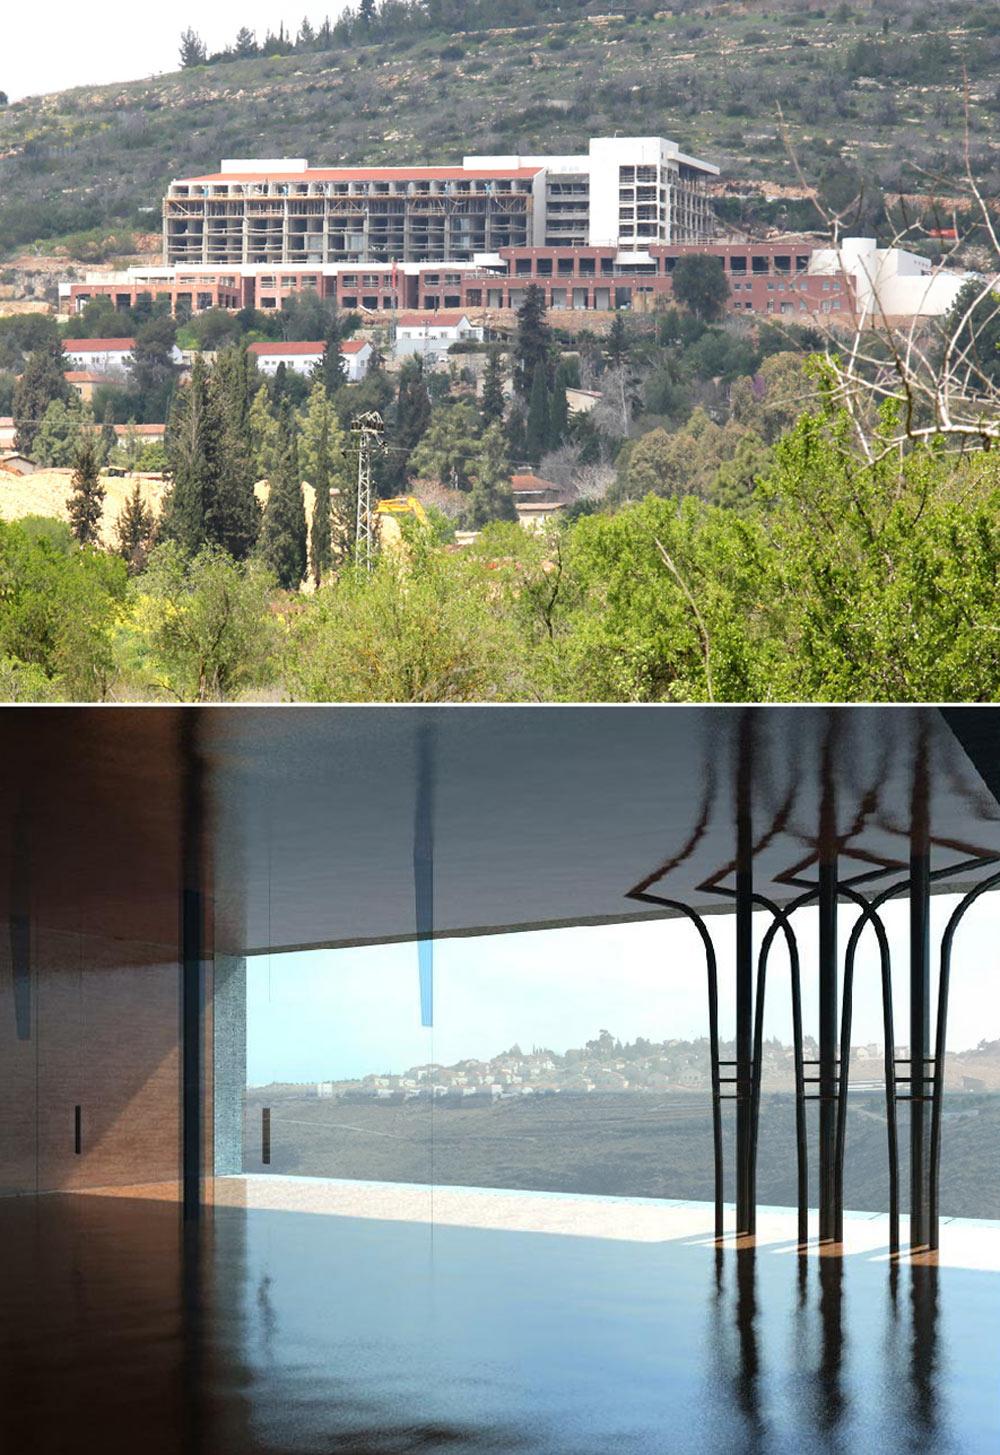 למעלה: המלון הנבנה בקריית ענבים, שצפוי להיפתח בעוד כשנה. למטה: הלובי. ''מקום סופר מודרני, שממנו אפשר להתבונן בתמונת נוף ירושלמי'', אומר ויסברוד (באדיבות אדריכל גיא איגרא)